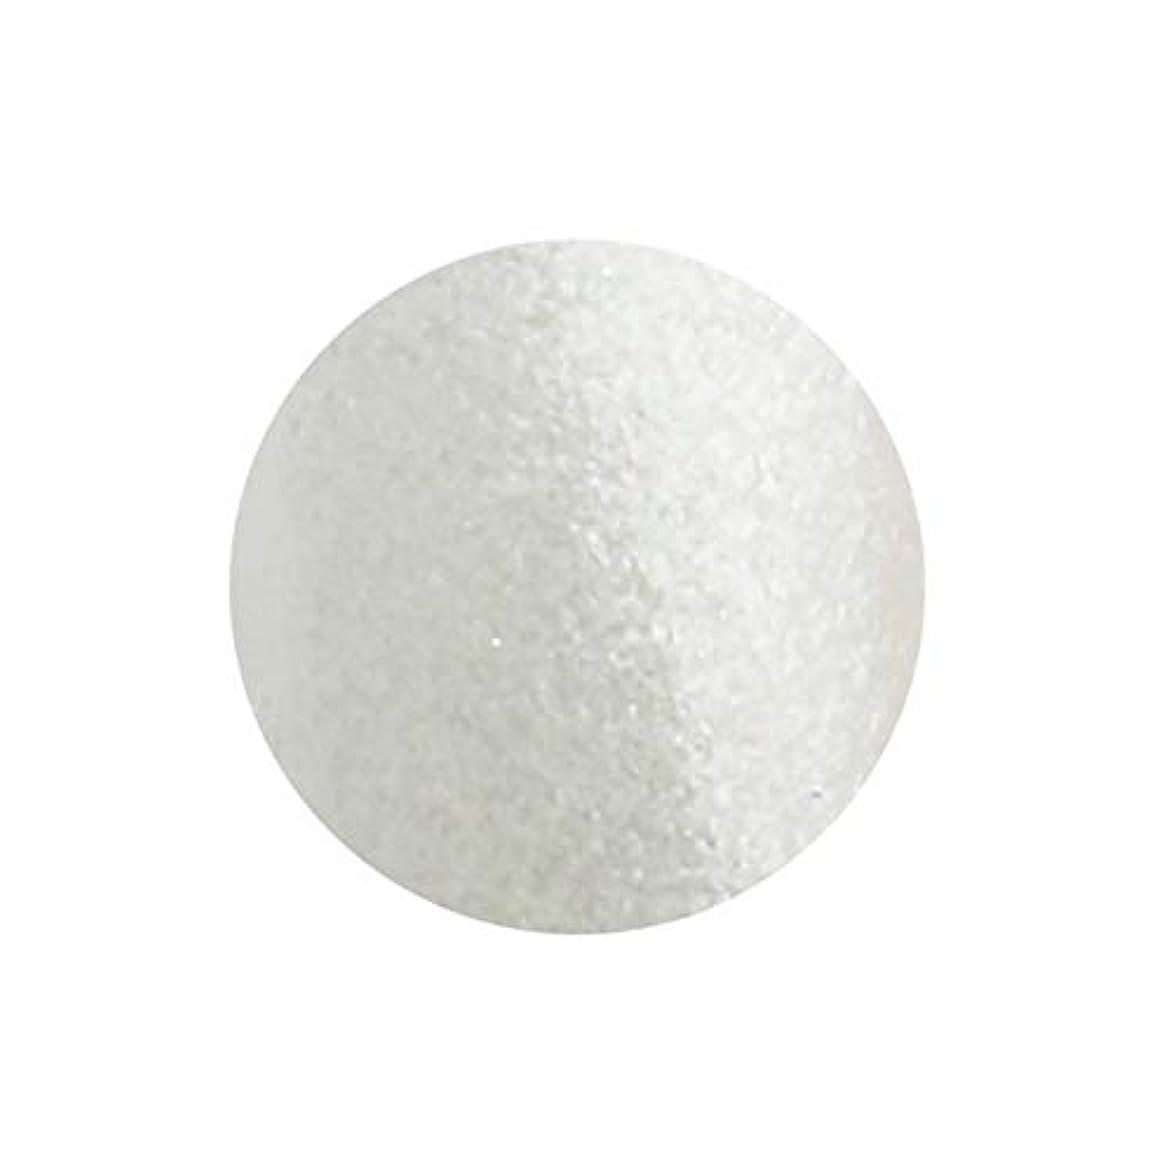 パーティー階拘束SHAREYDVA シャレドワ+ ネイルカラー No.28 ダイヤモンドパール